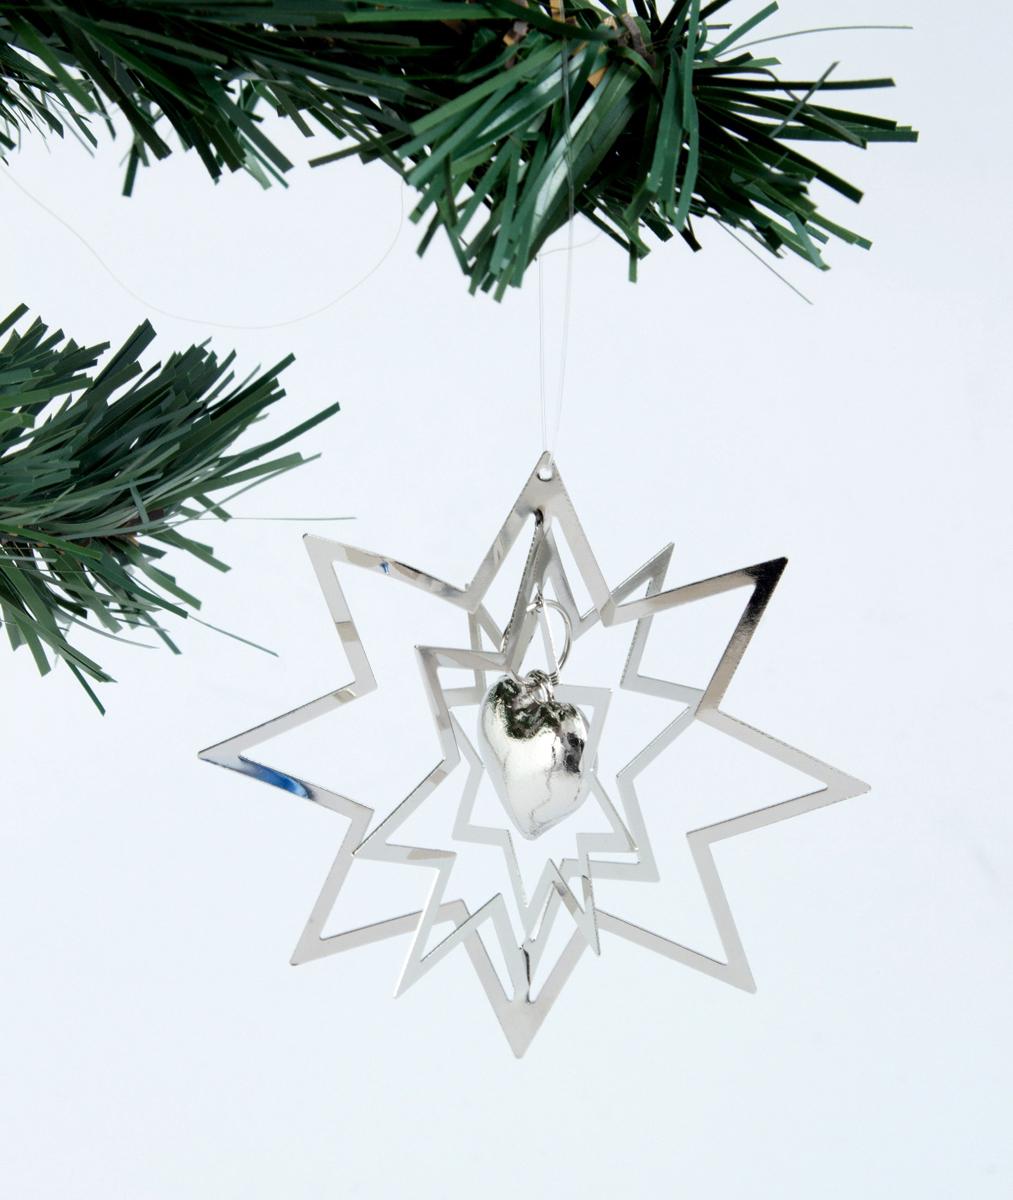 Украшение декоративное Сердечко 8 см . 171130171130Елочная игрушка - символ приближающегося праздника. Она послужит прекрасным подарком как для ребенка, так и для взрослого, а также дополнит новогодний интерьер.